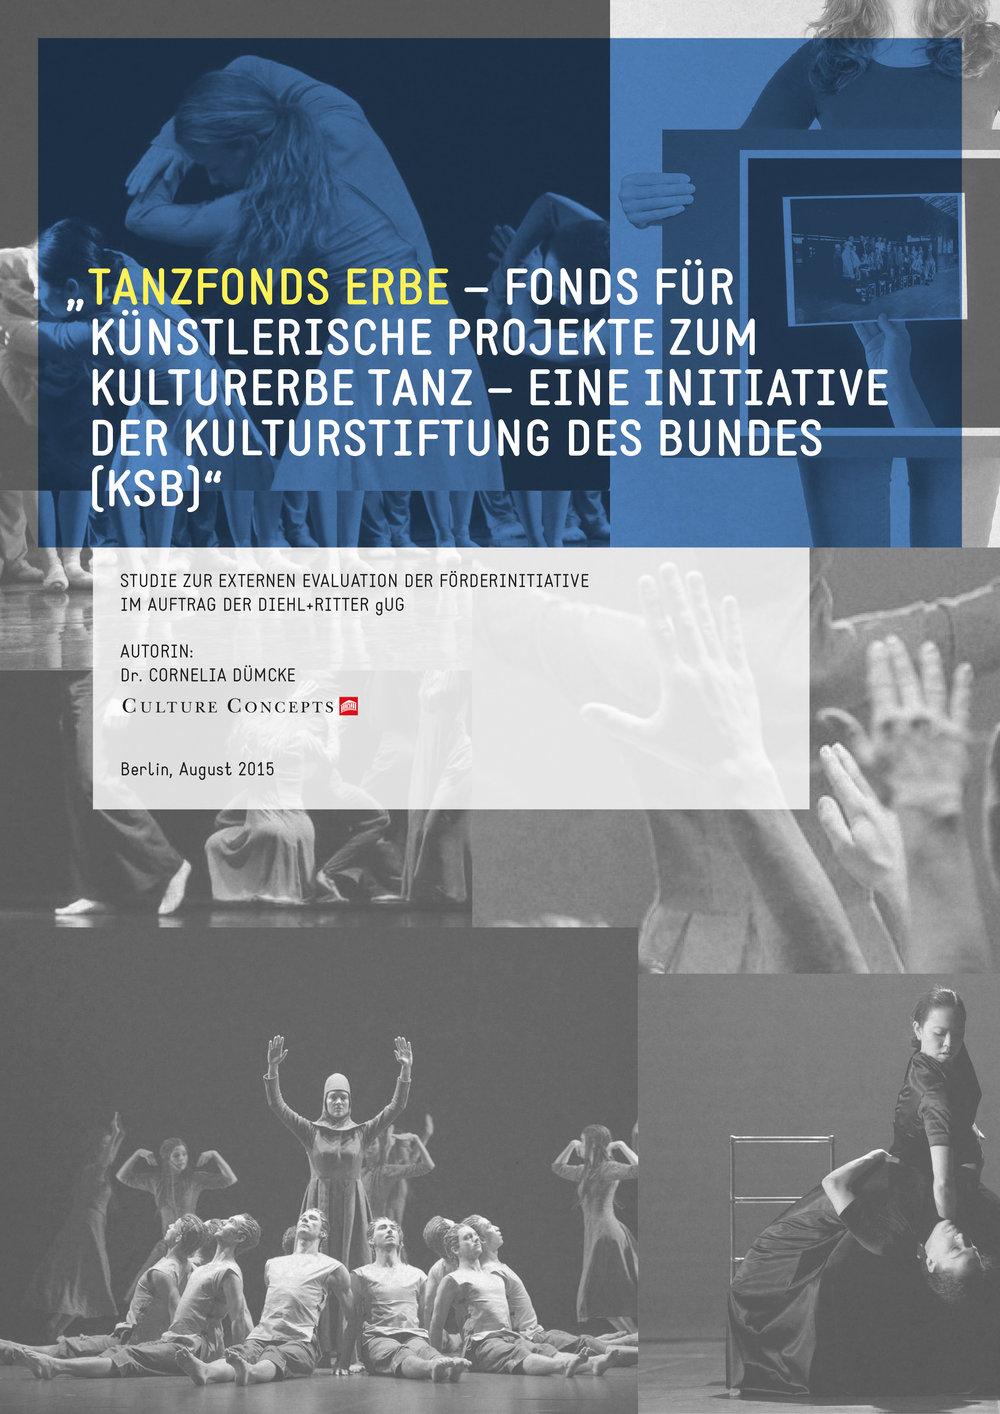 2015_DB_Deutsch_Dümcke_Studie TANZFONDS ERBE.jpg